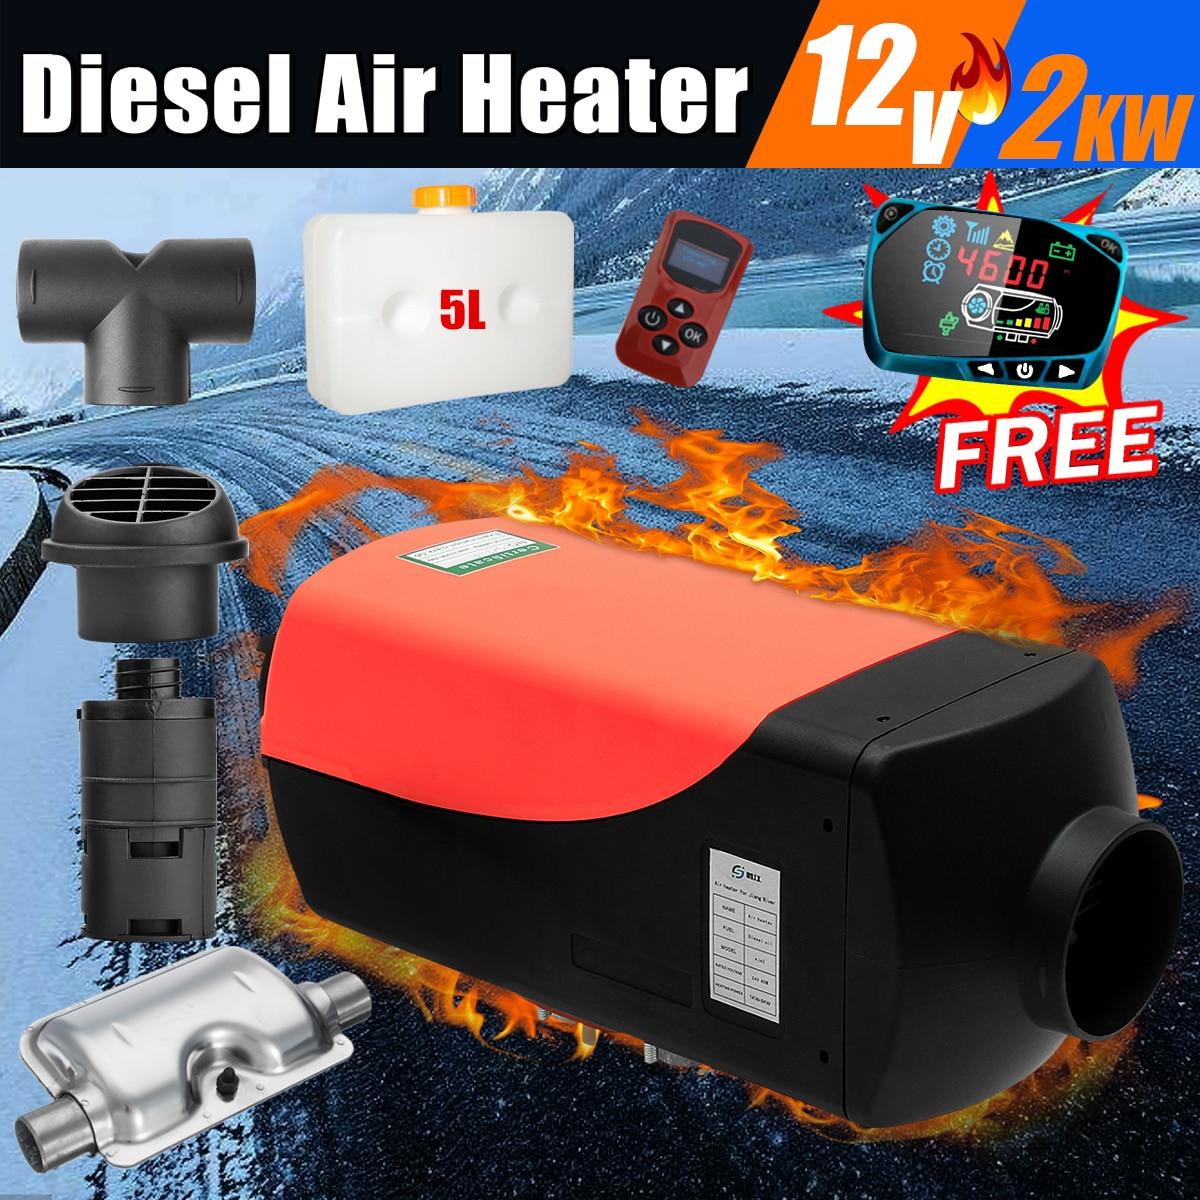 Aquecedor do carro 2KW 12 V Ar Diesel Aquecedor de Estacionamento Aquecedor Com Controle Remoto Monitor LCD Para RV, motorhome Reboque, Caminhões, Barcos